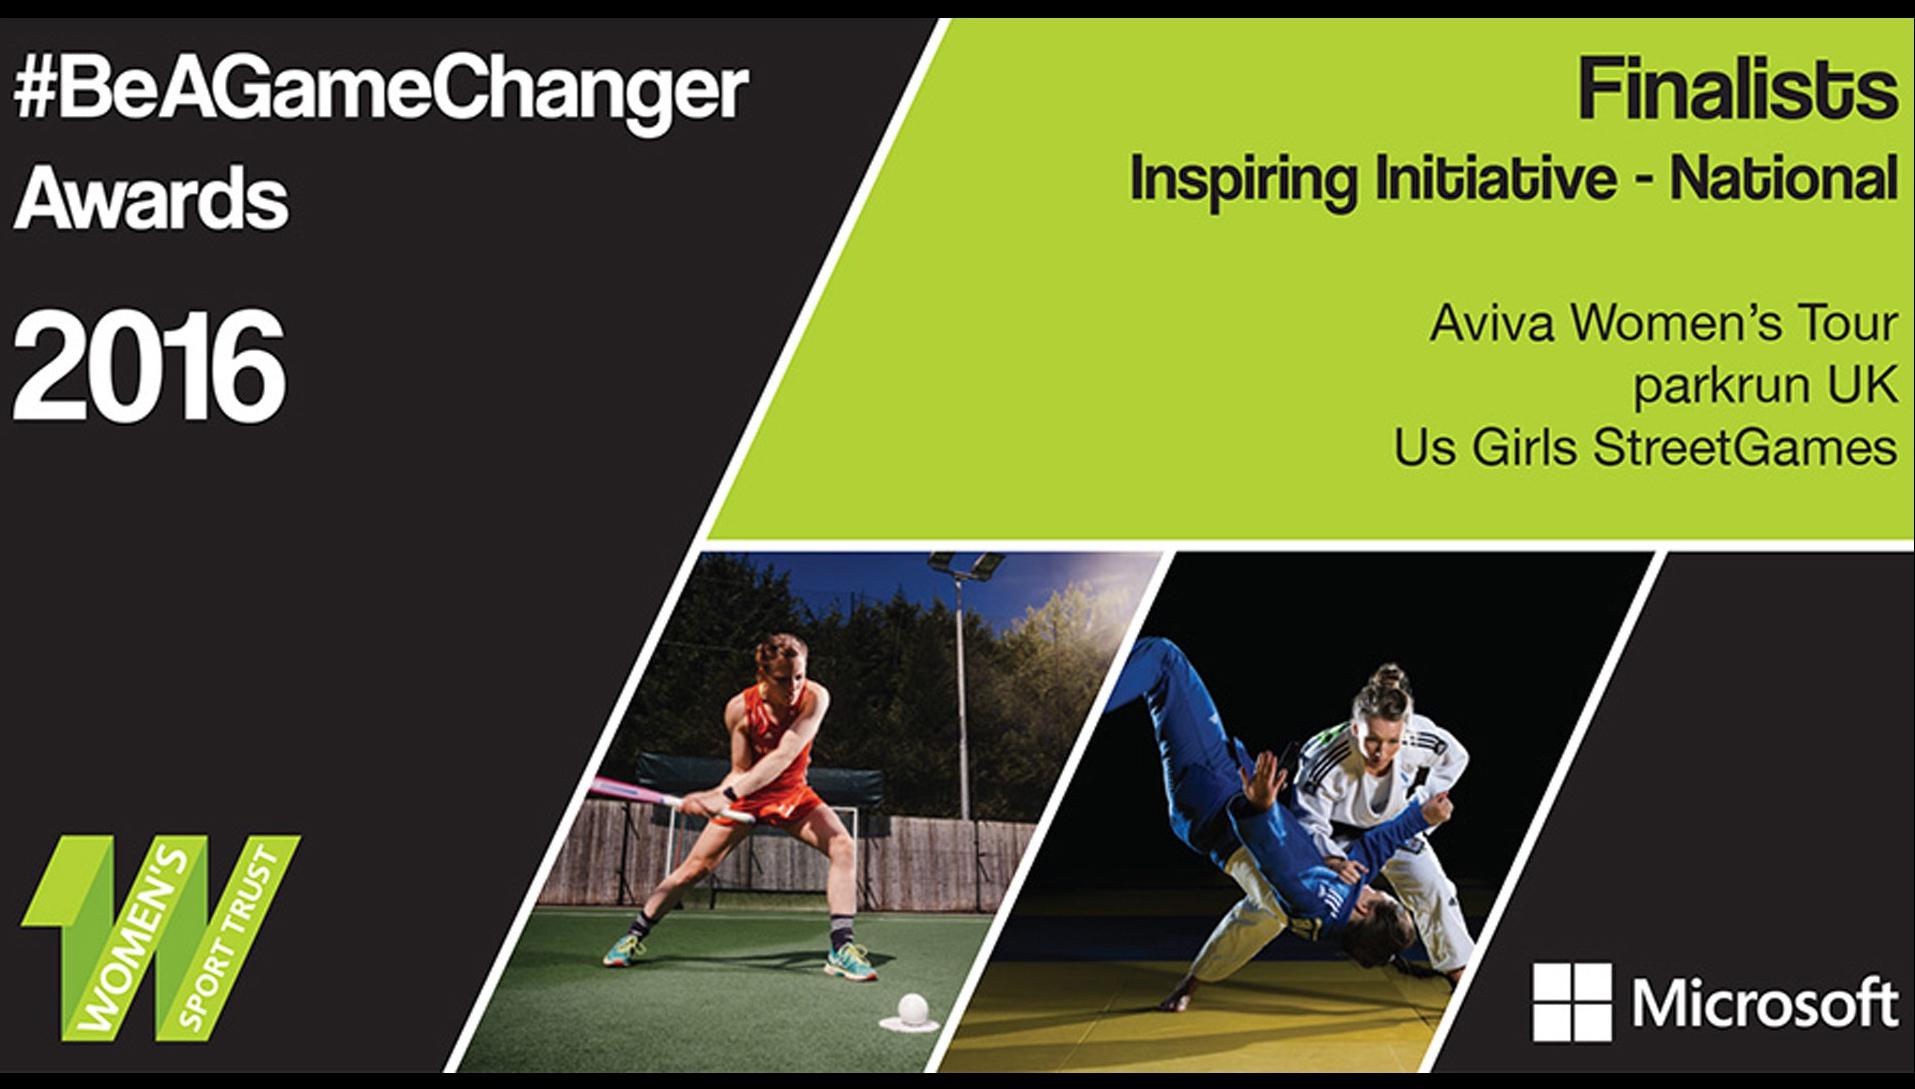 Aviva Women's Tour finalist in Women's Sport Trust #BeAGameChanger Awards